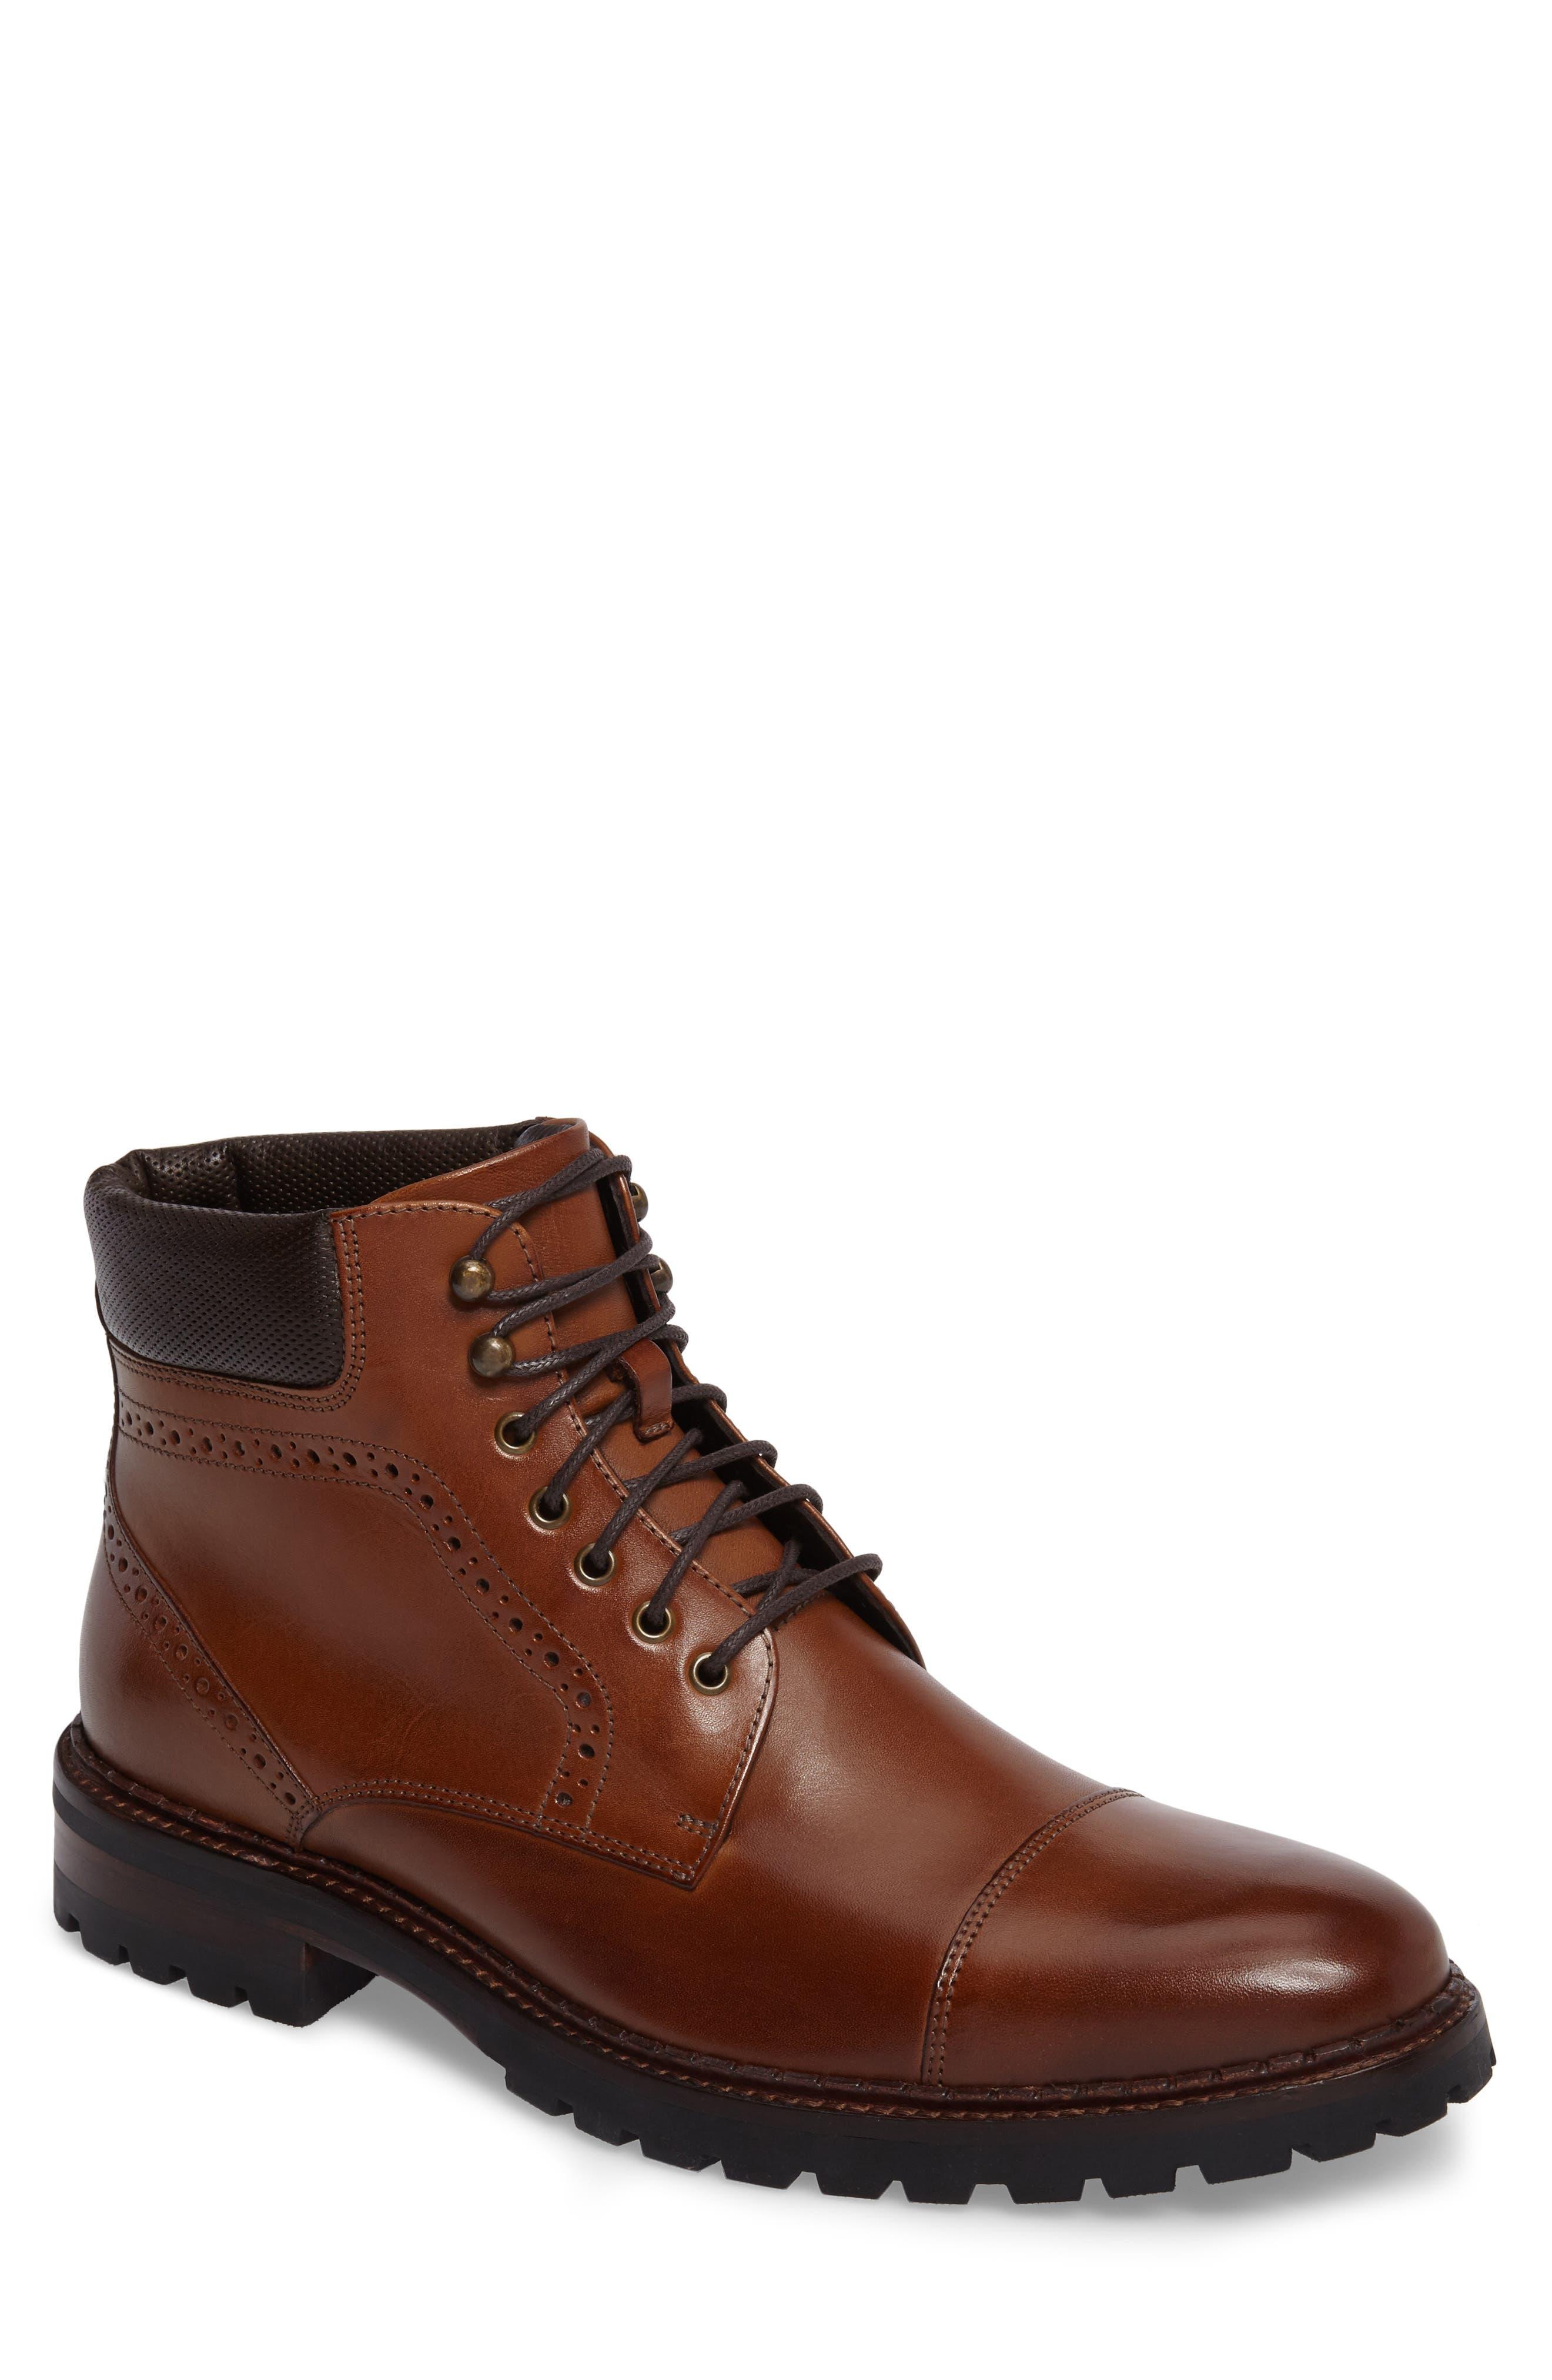 Jennings Cap Toe Boot,                         Main,                         color, Tan